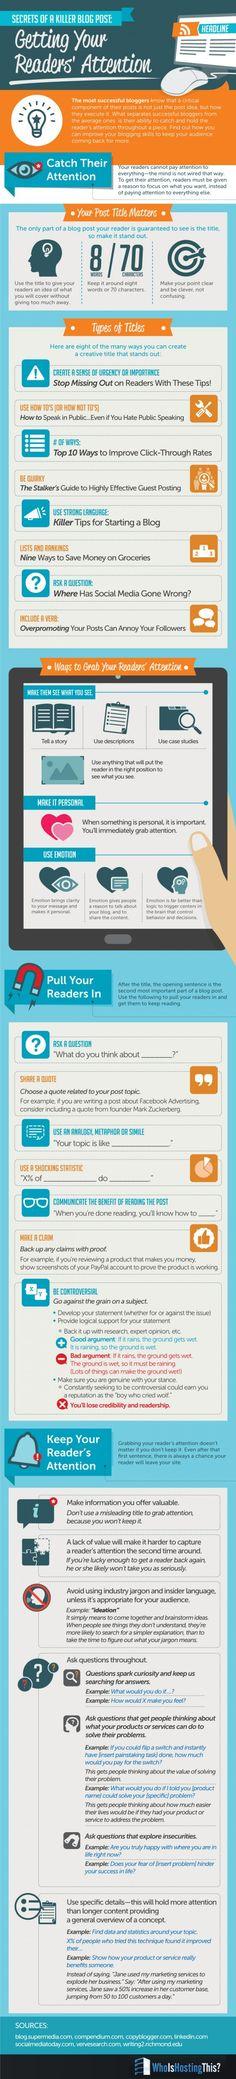 Les Secrets d'un Billet de Blog Irrésistible ! – #Infographie #marketing #english